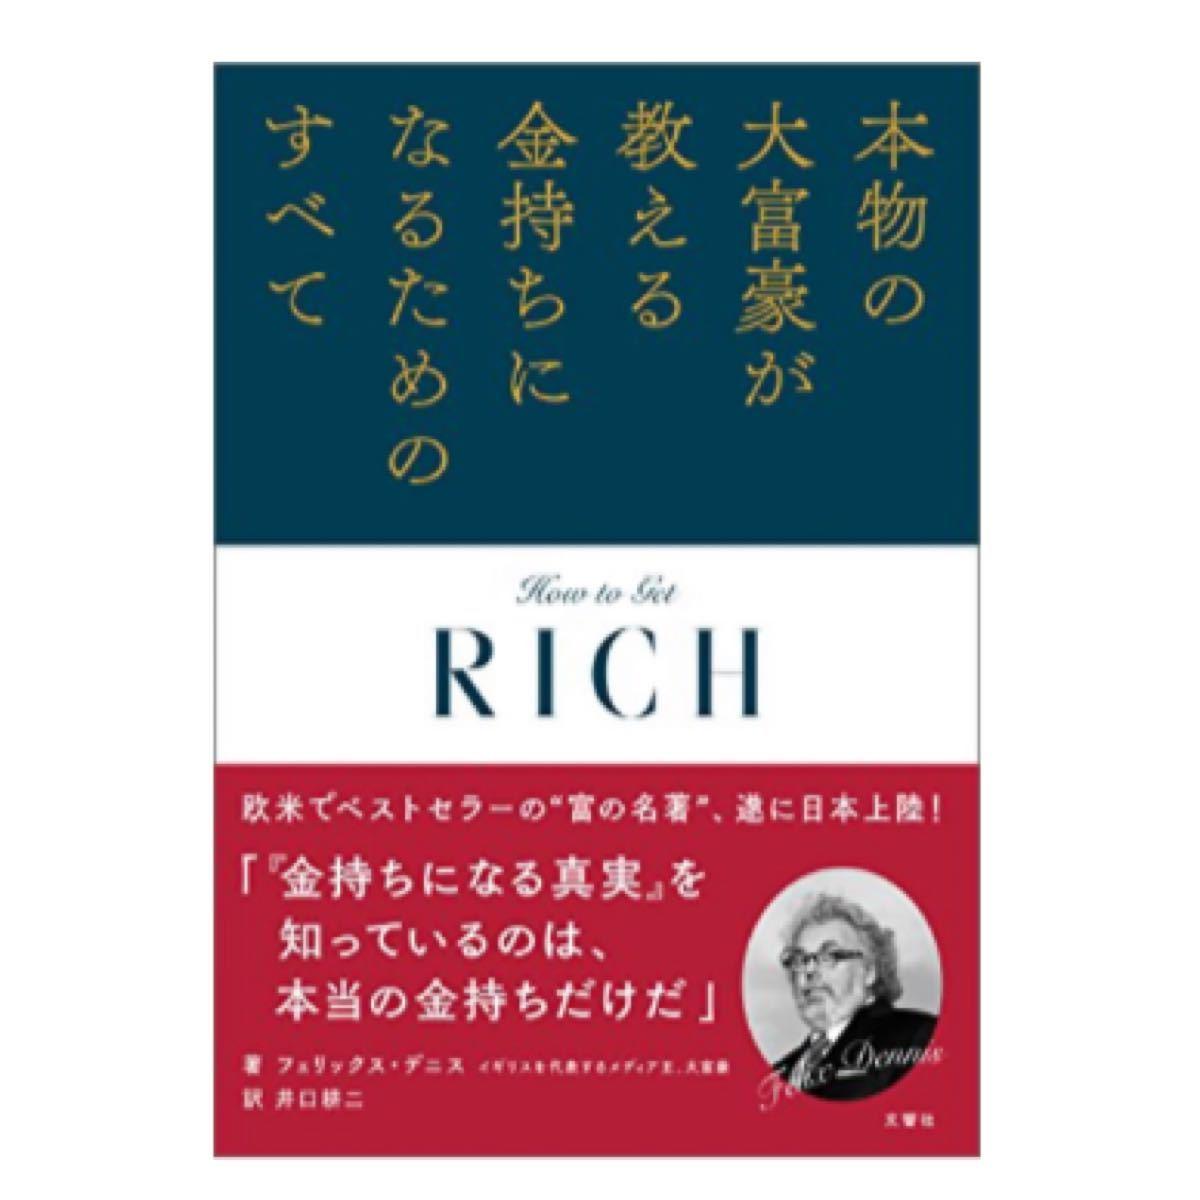 【中古】本物の大富豪が教える金持ちになるための全て